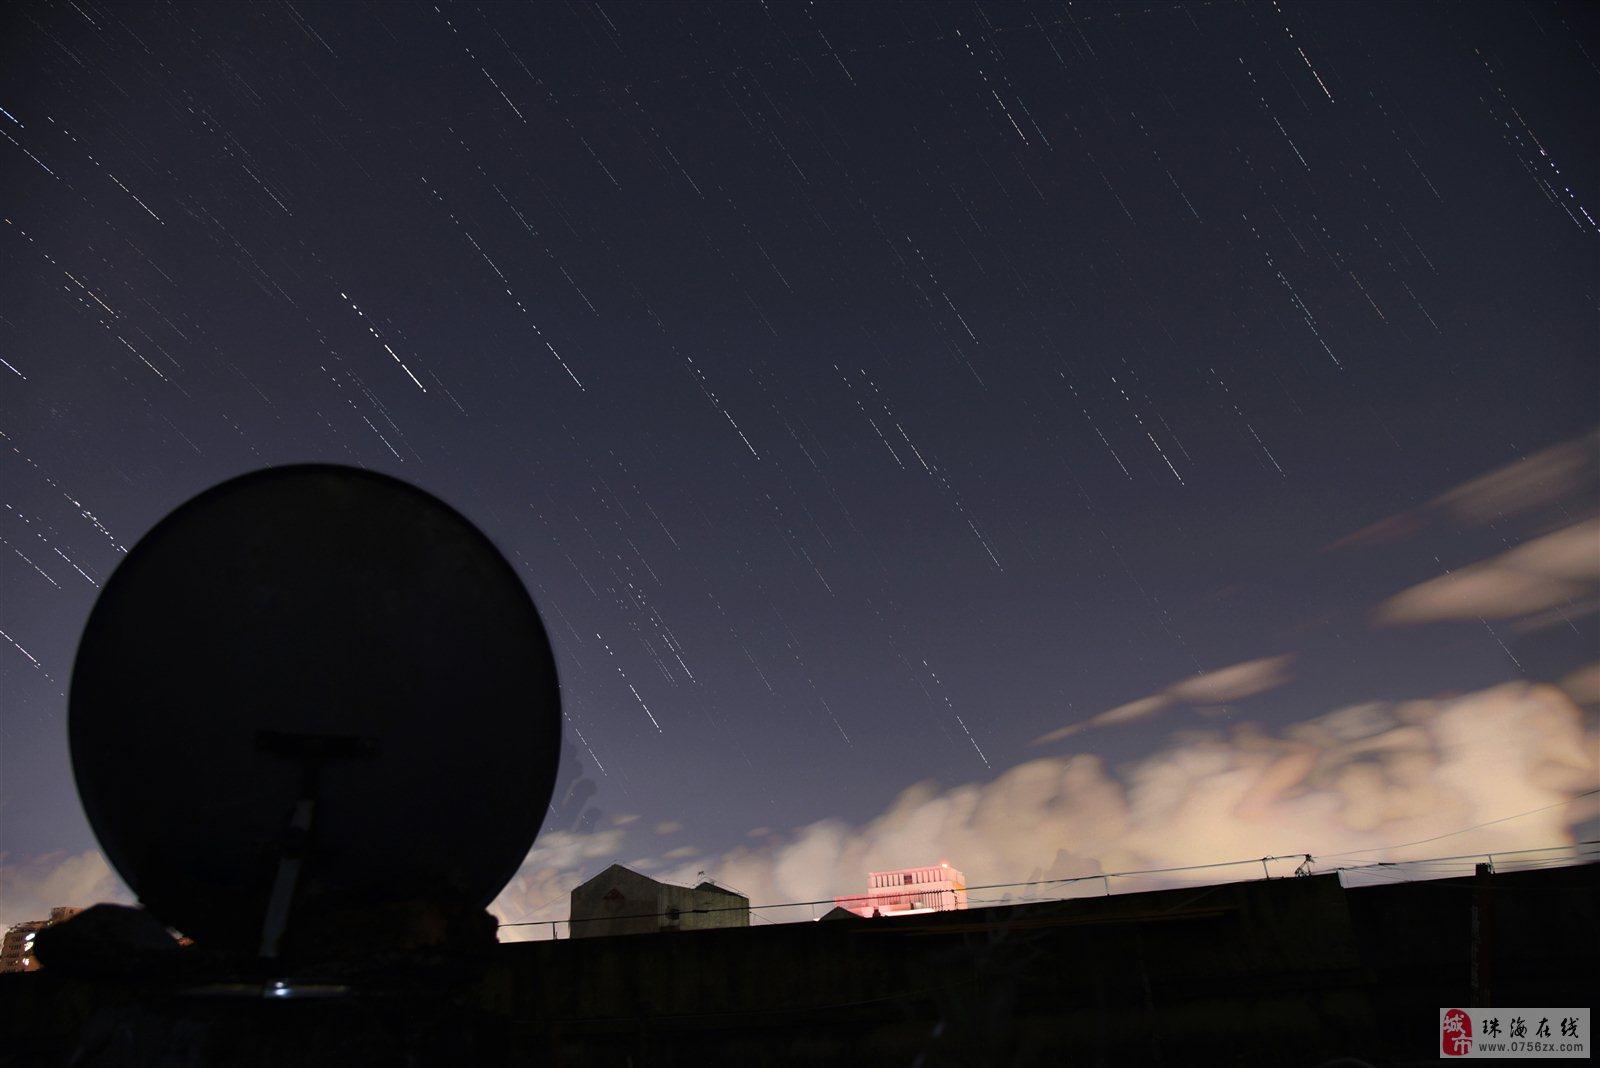 珠海市区也能拍摄漂亮的星轨哦!